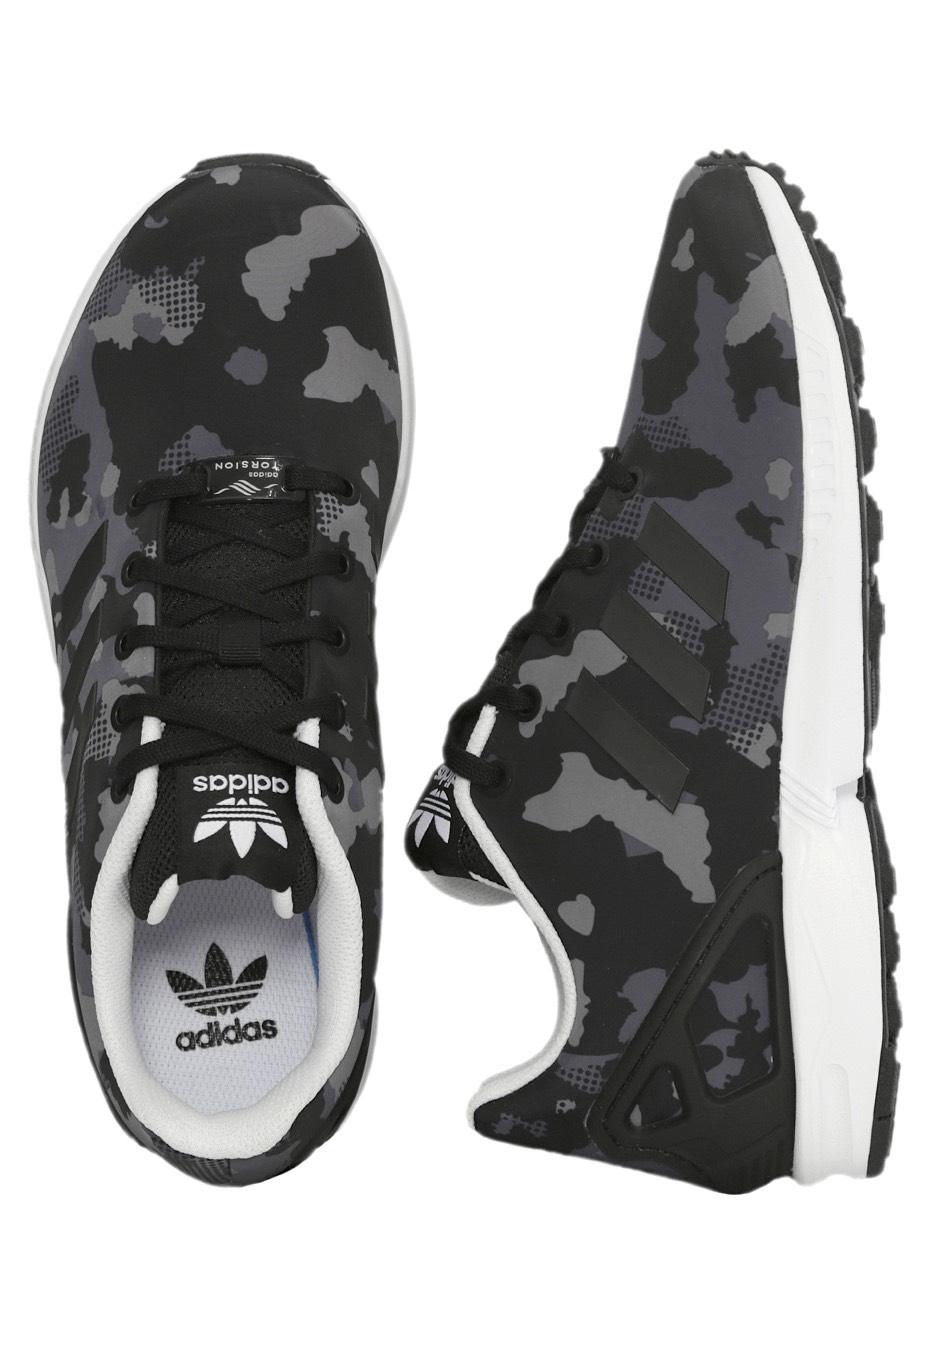 80543f424dcc6 Adidas - ZX Flux J Core Black Core Black FTWR White - Girl Shoes -  Impericon.com UK